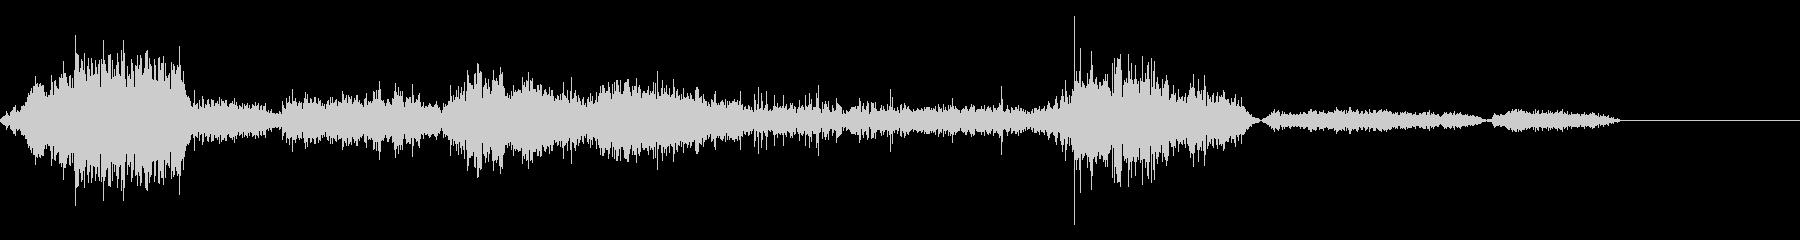 ゾンビの唸り声03の未再生の波形